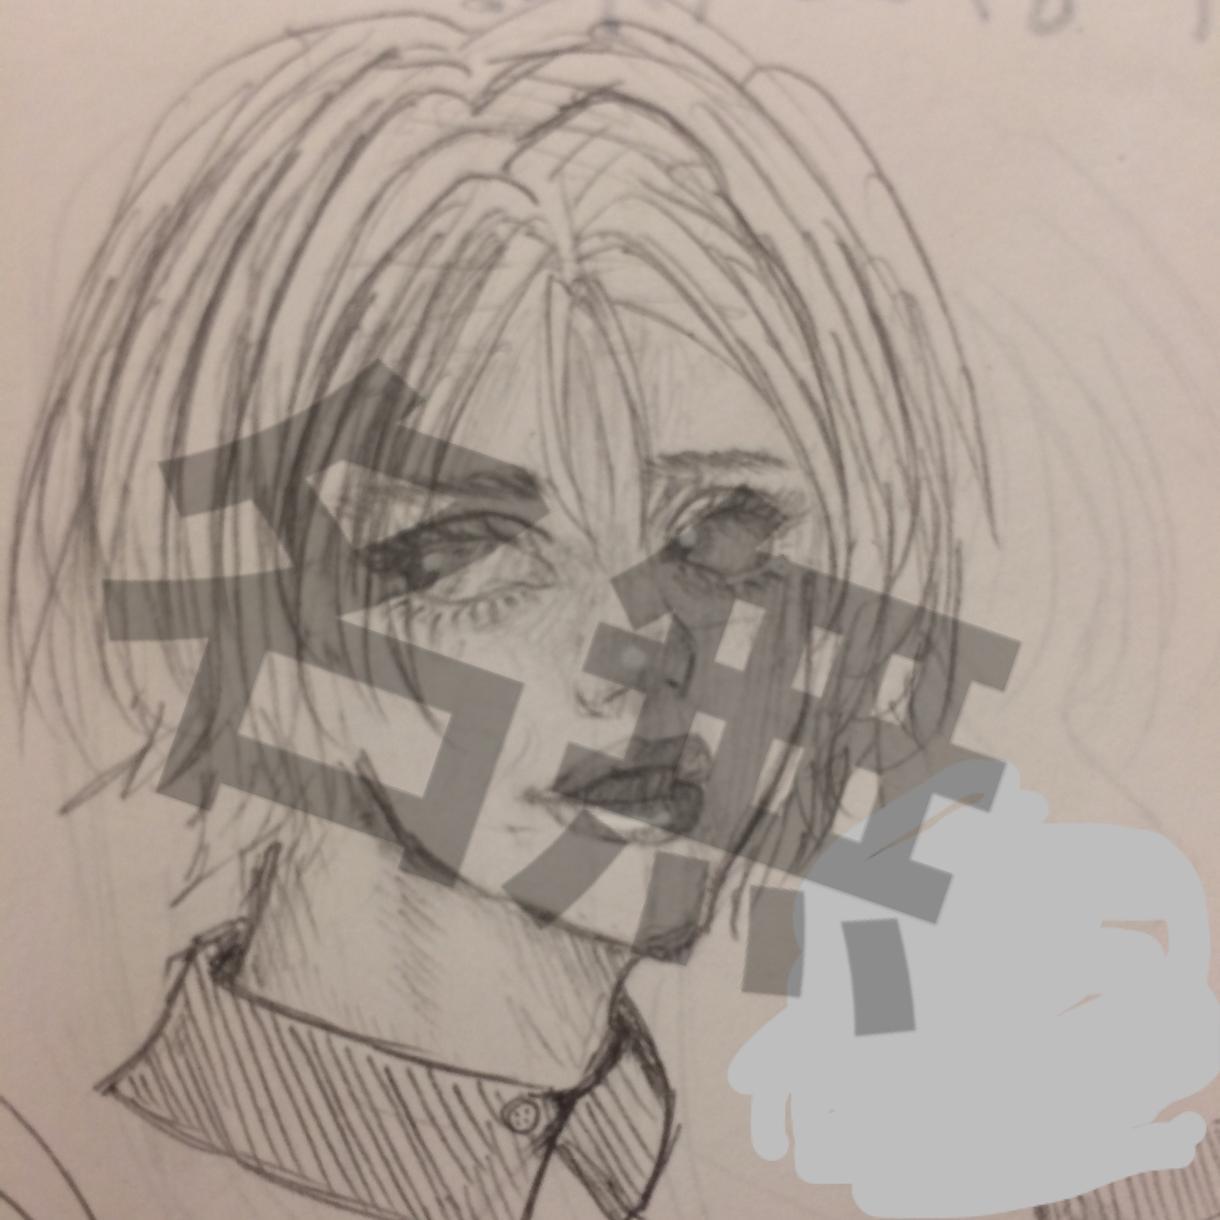 イラスト、似顔絵描きます 満足して頂けるまで何度でも修正可能です!